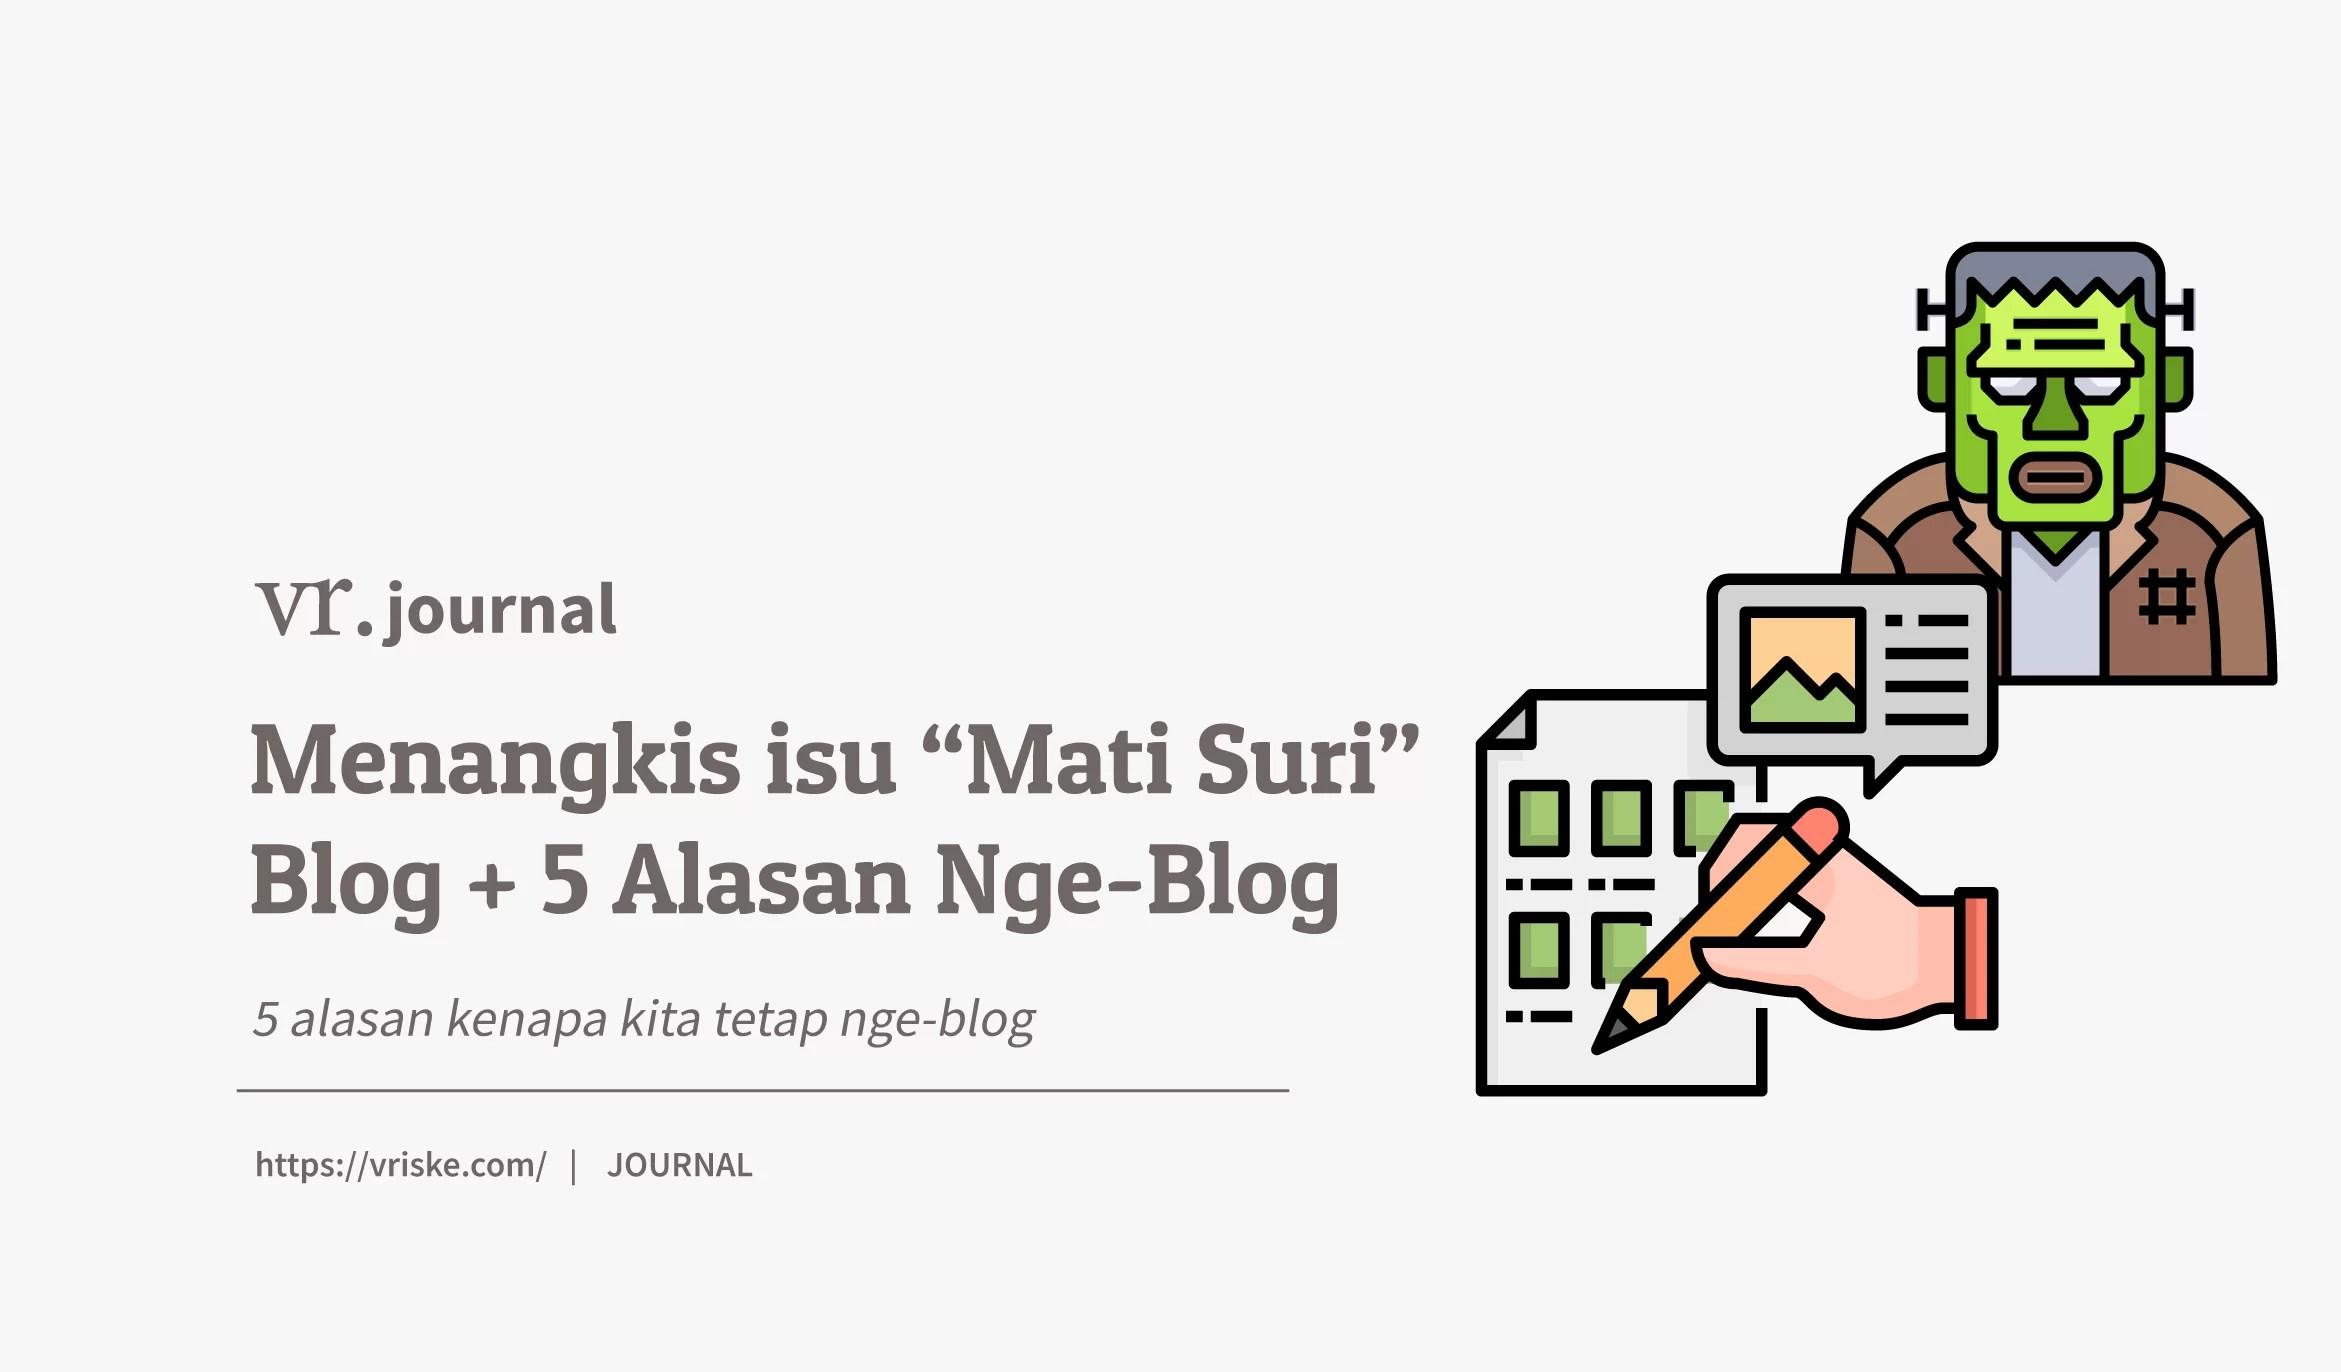 """Menangkis Isu """"Mati Suri"""" Blog + 5 Alasan Nge-Blog"""